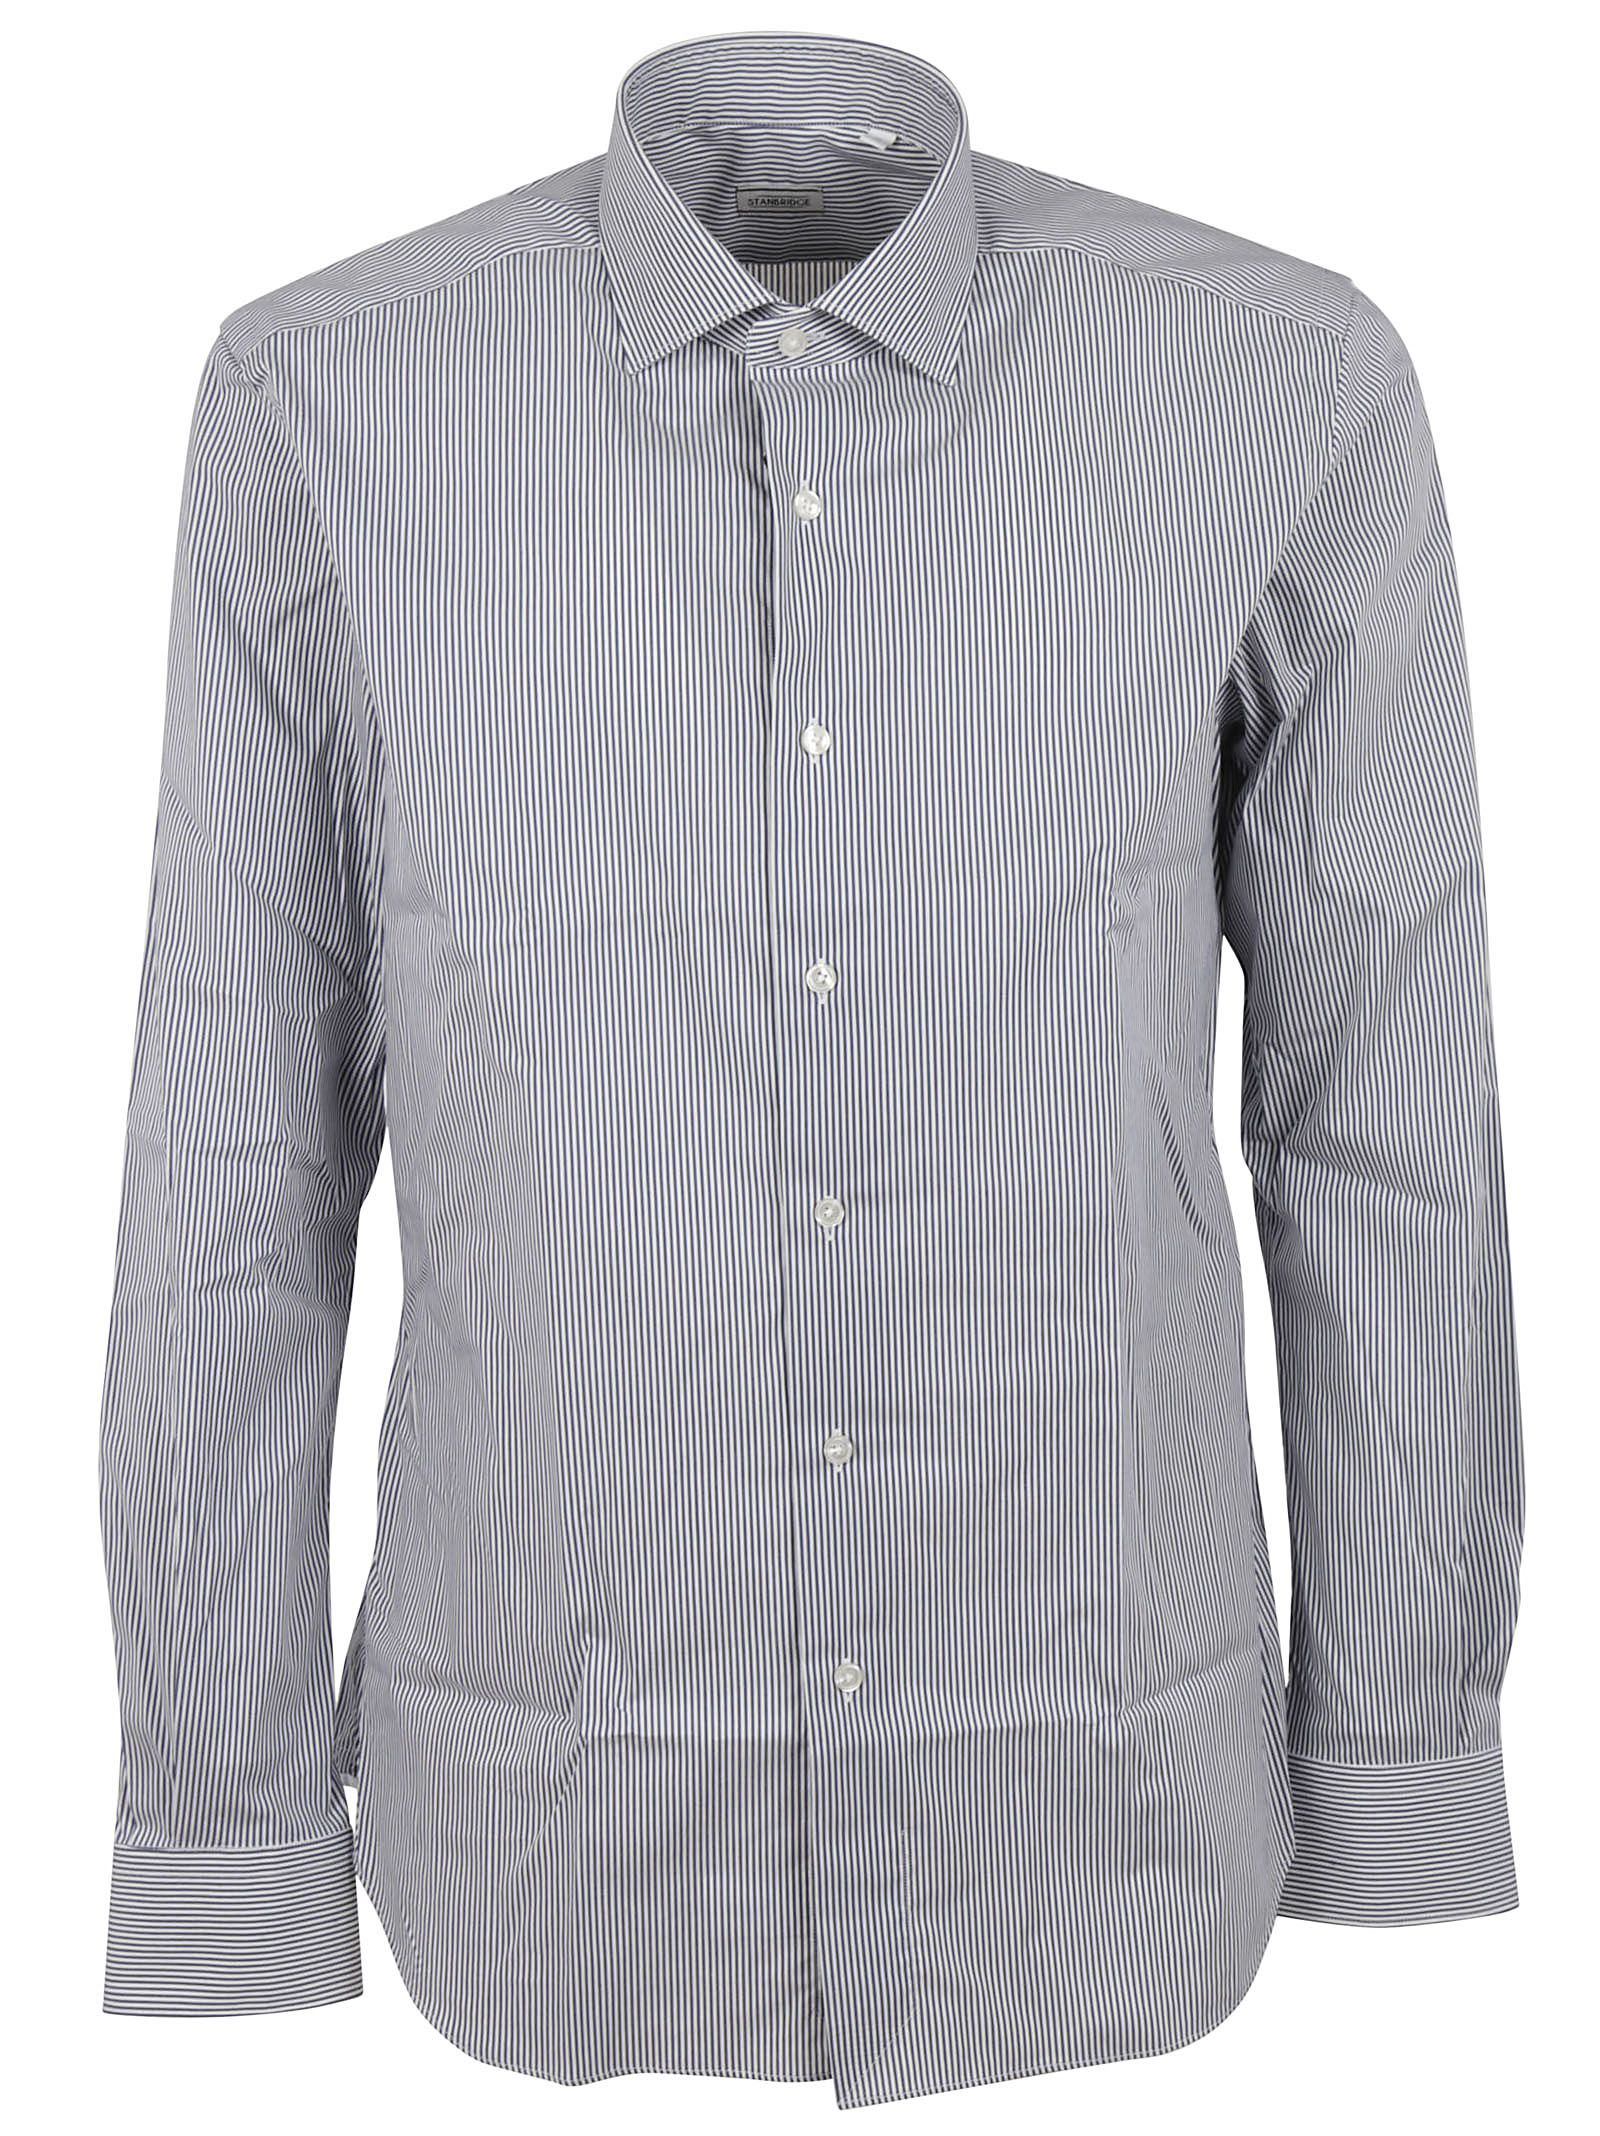 f88d82e95a96 Xacus Xacus Pinstripe Shirt - Blue - 10510202